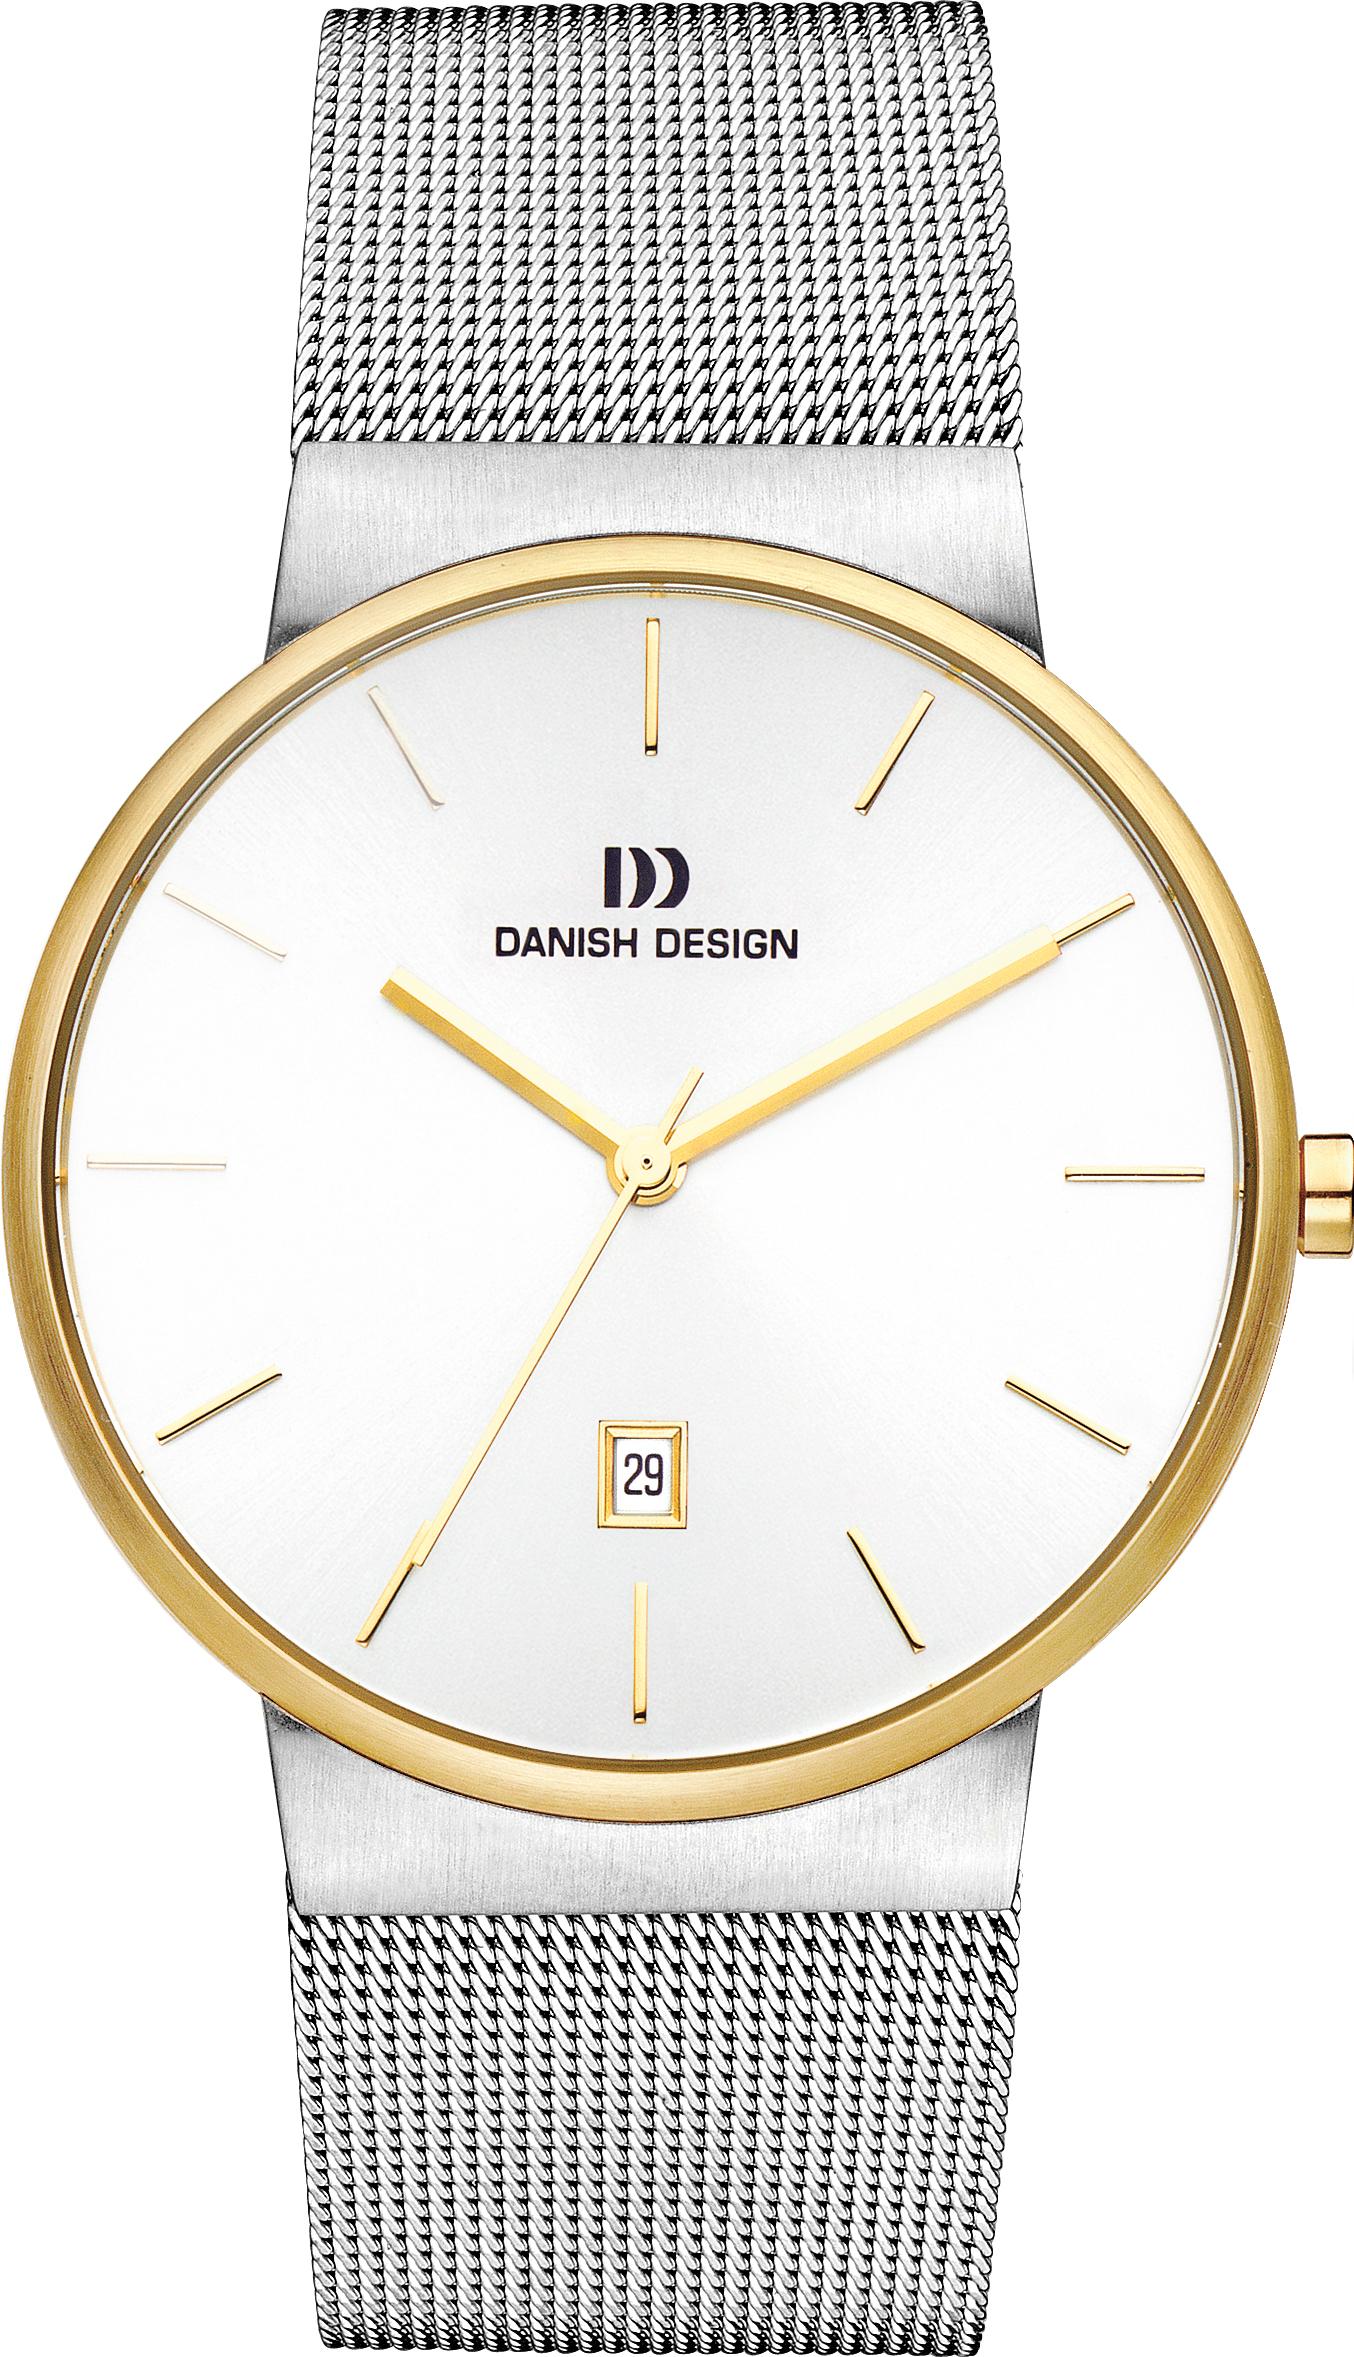 Danish Design - Horloge - Juwelier Kicken - Simpelveld